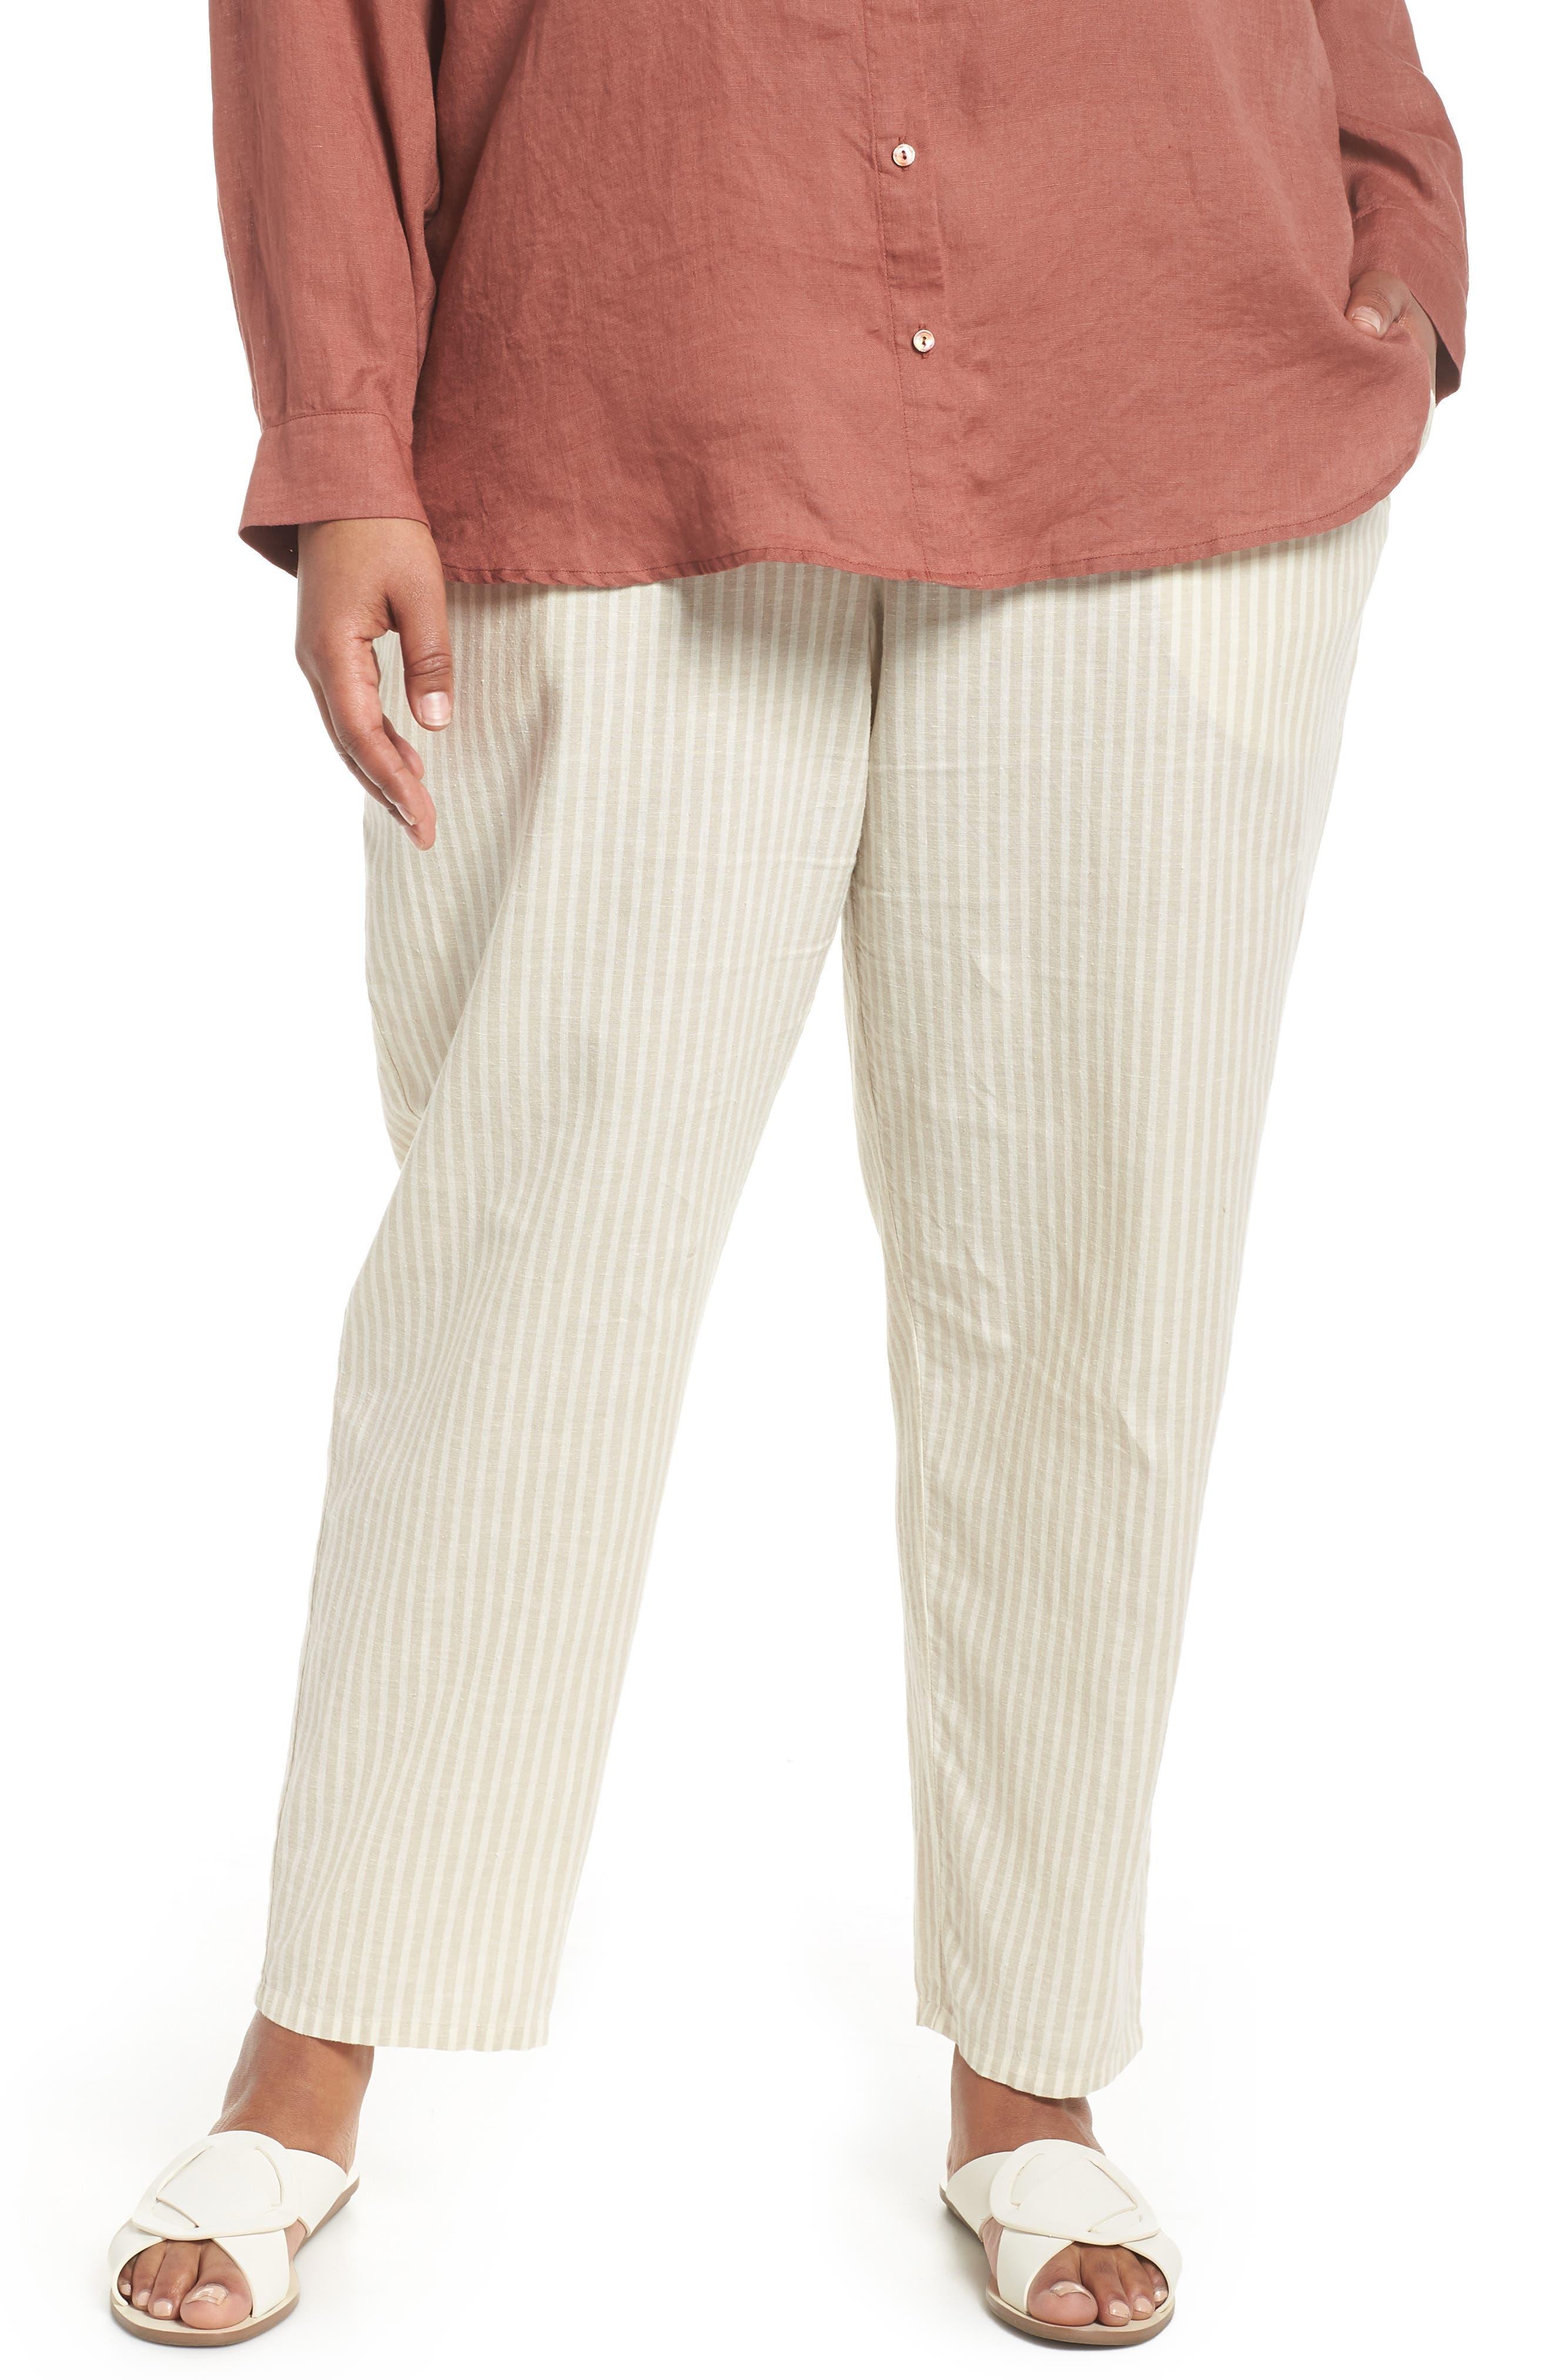 Stripe Ankle Hemp & Cotton Pants,                             Main thumbnail 1, color,                             Natural